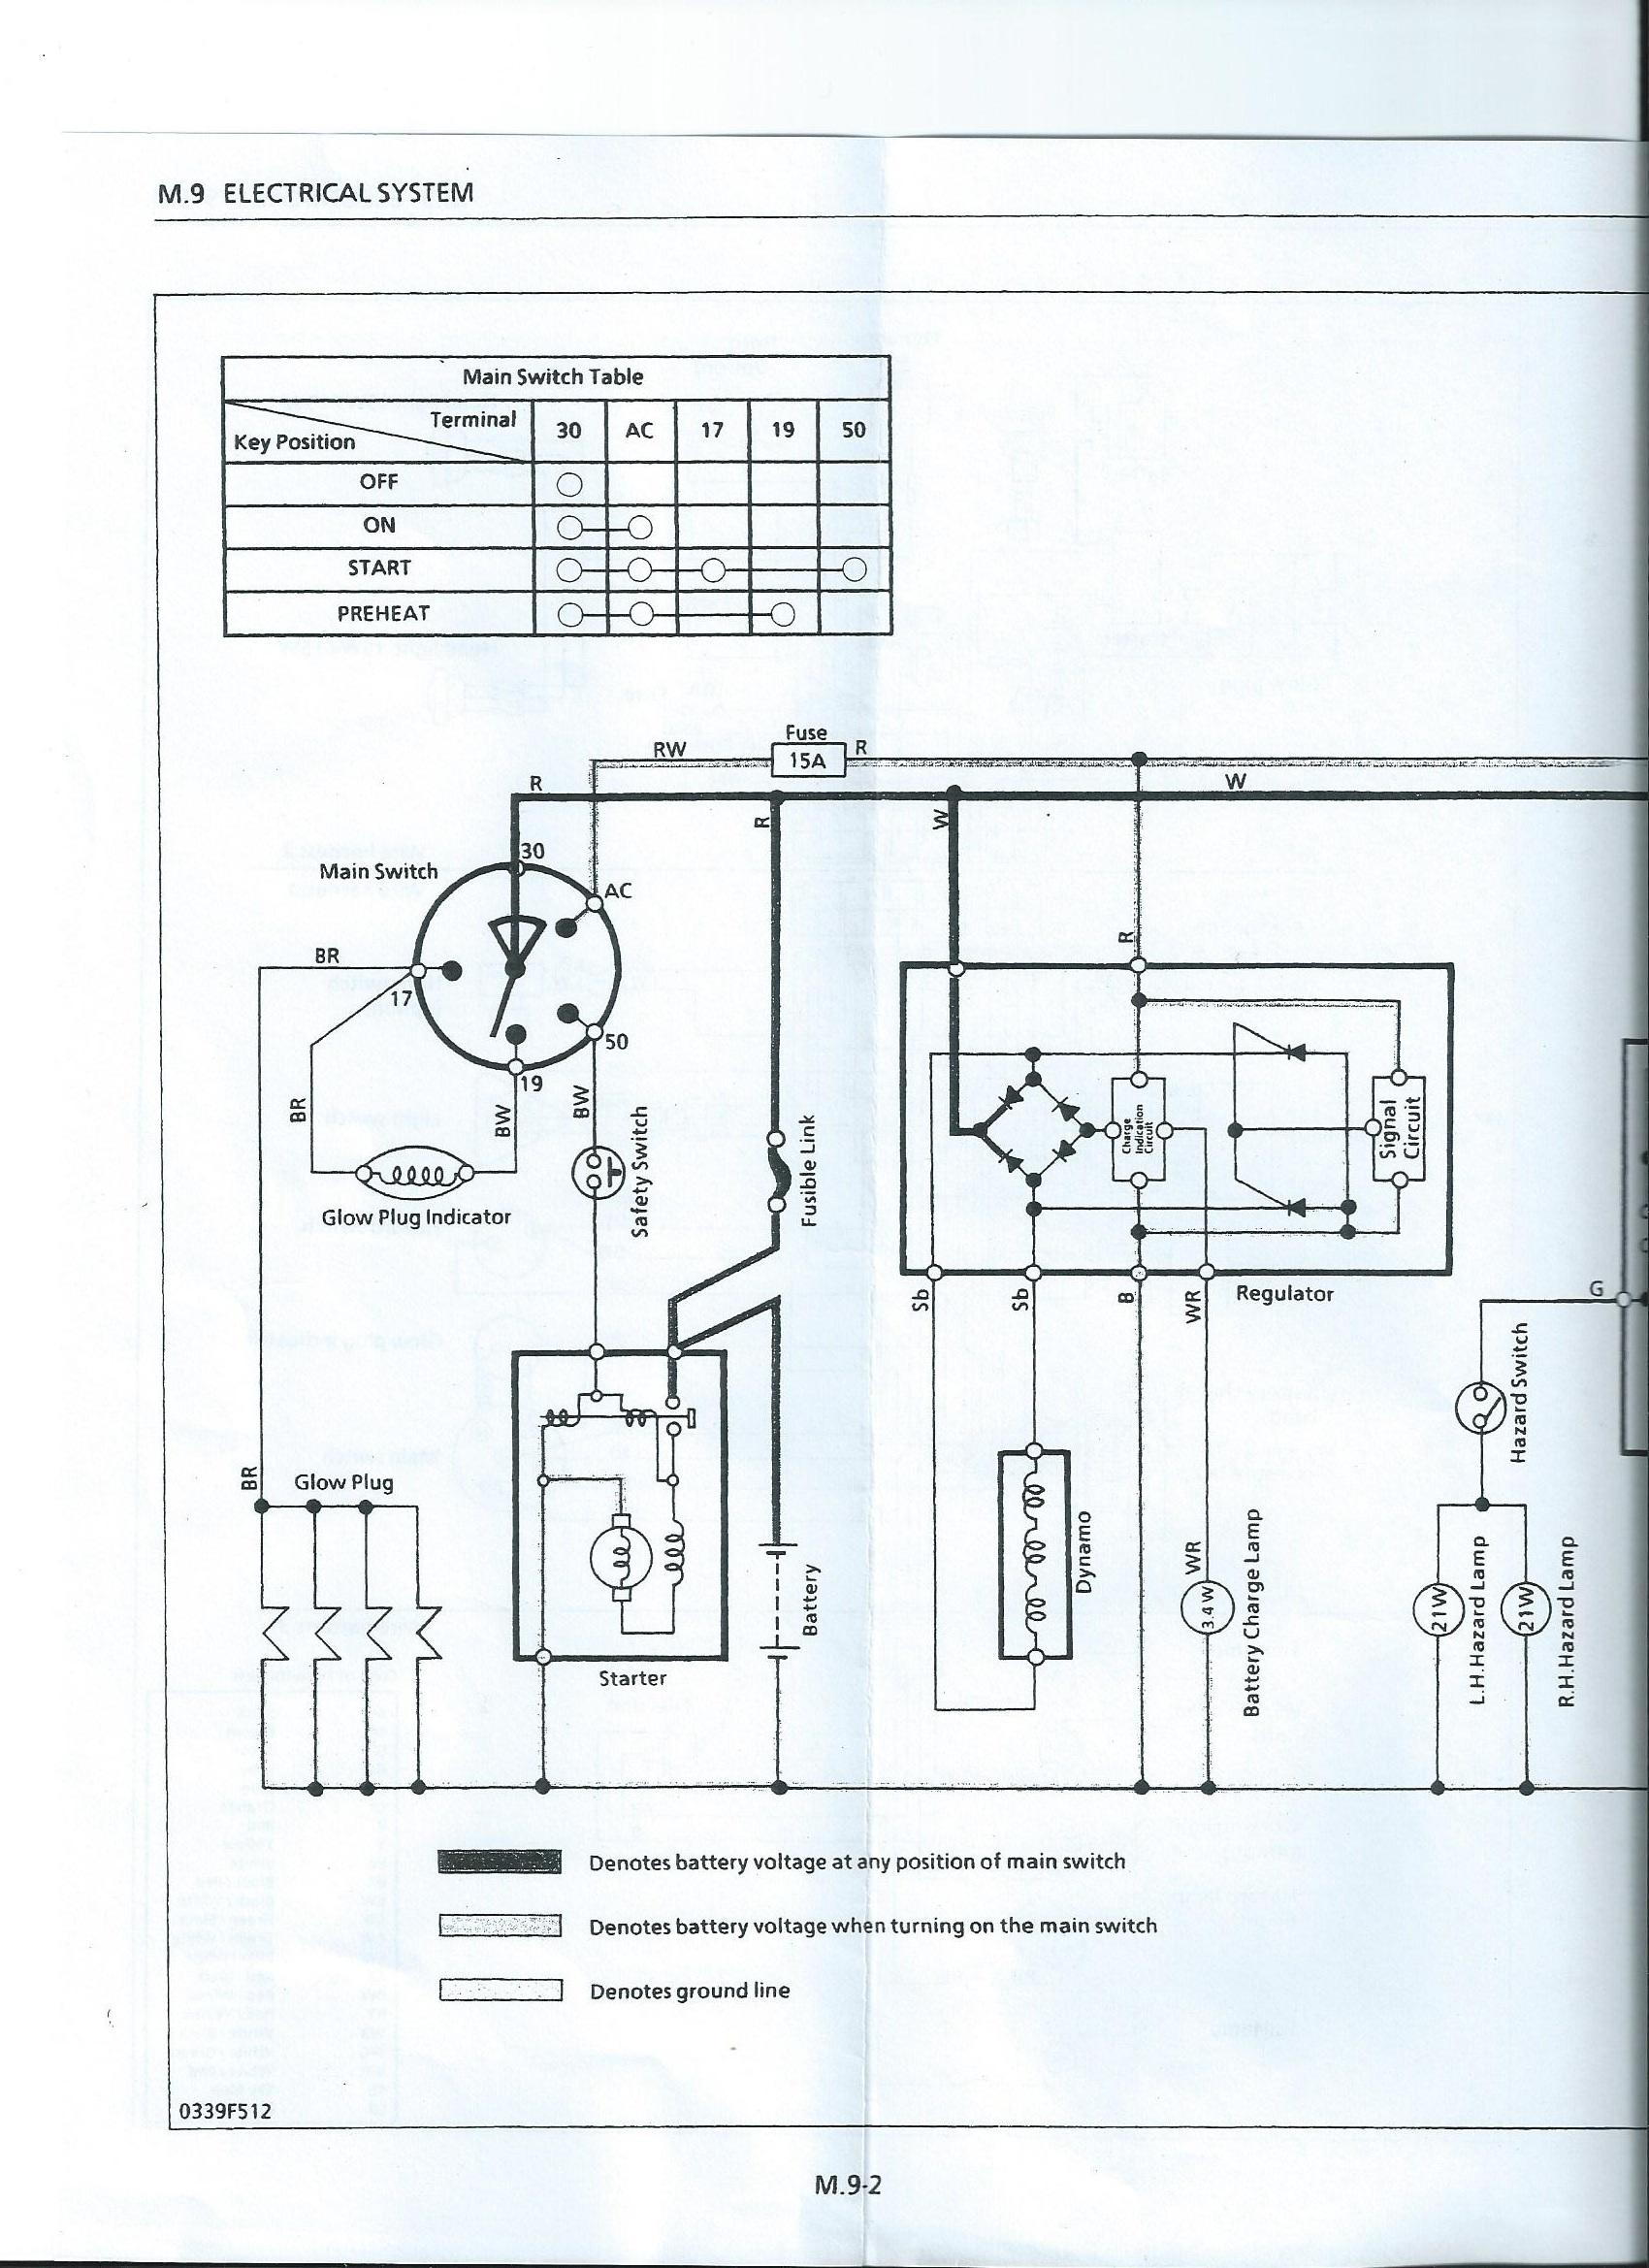 [DIAGRAM_38YU]  Kubota B21 Wiring Diagram Traulsen G31010 Wiring Diagram Model -  5pin.jambu.astrea-construction.fr | Kubota L48 Wiring Diagram |  | Begeboy Wiring Diagram Source - astrea-construction.fr